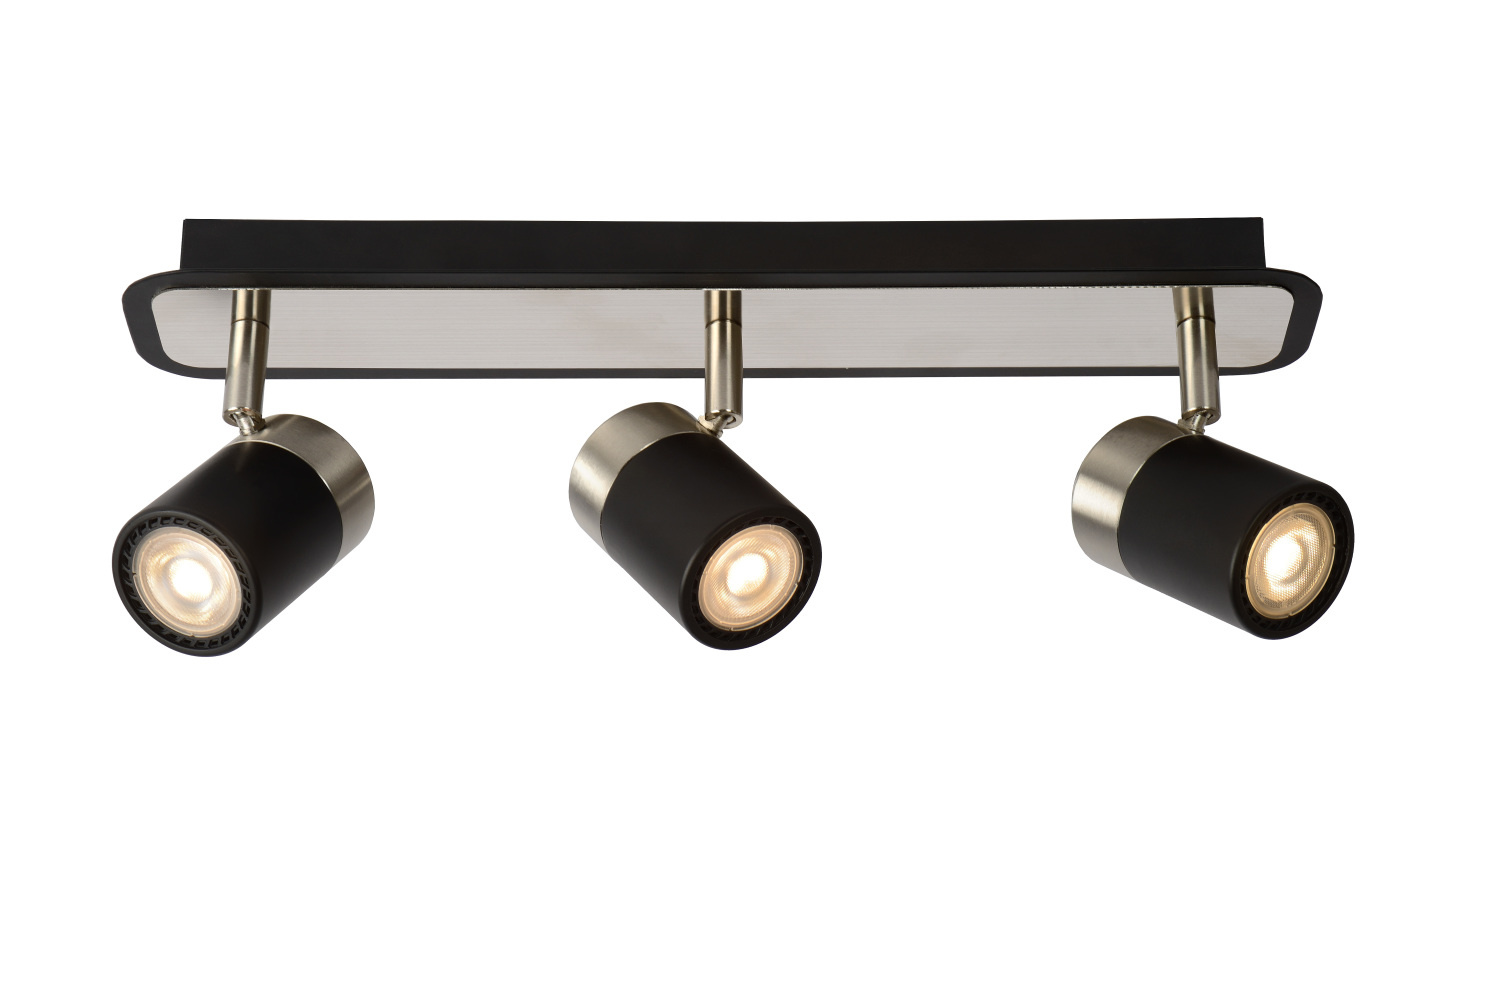 Lucide LENNERT Plafondspot-Zwart-LED Dimb.-3xGU10-5W